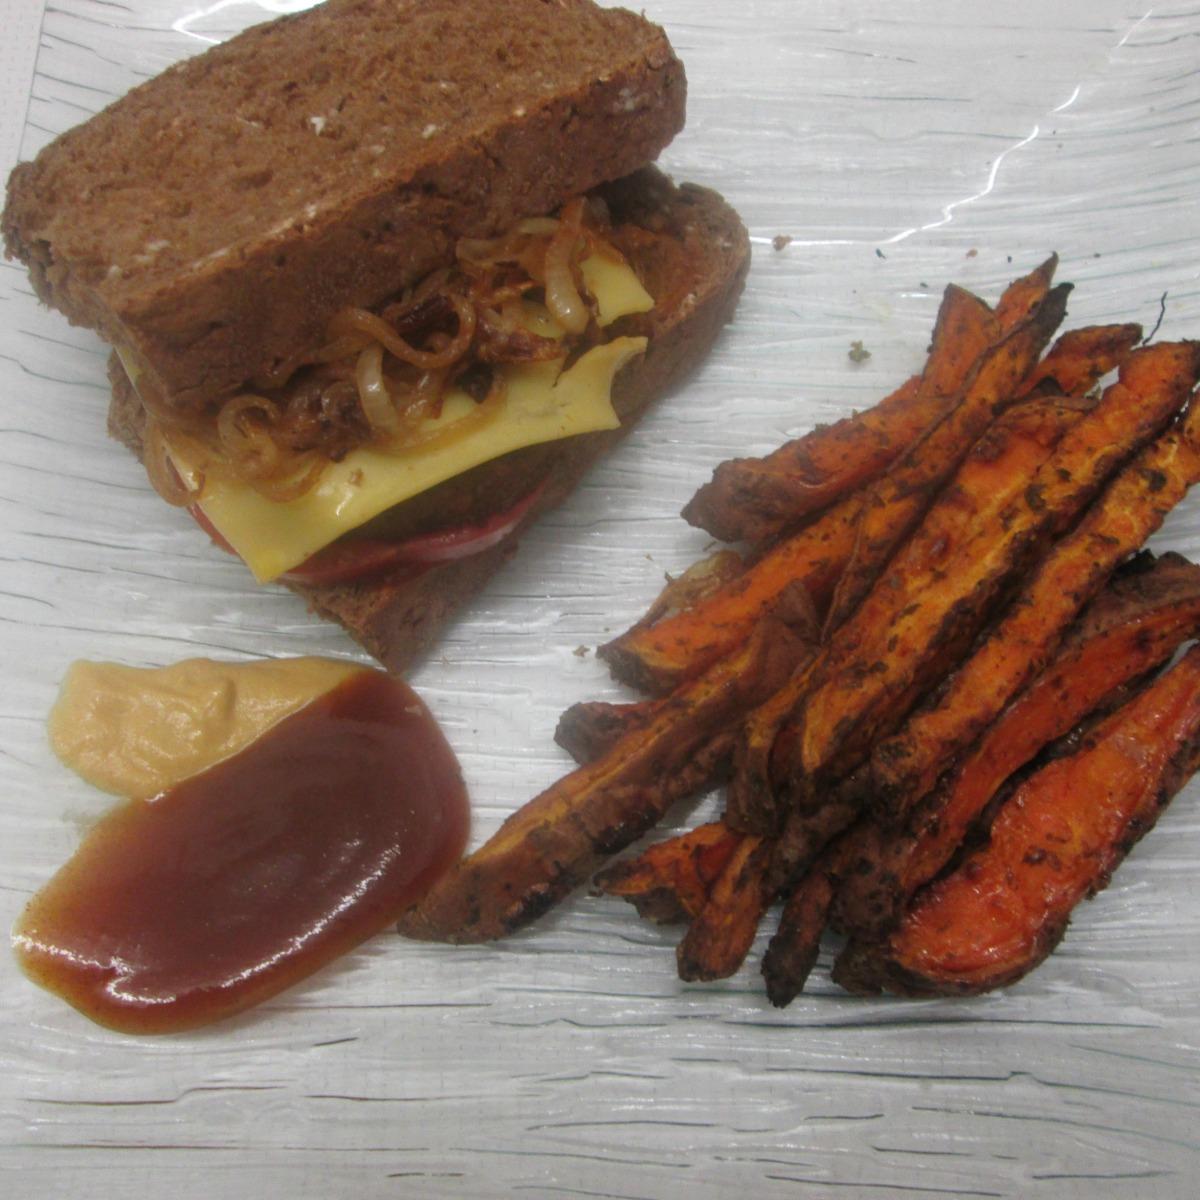 Une envie de burger vegan : 3 nouveaux produits testés et comment je les aipréparés